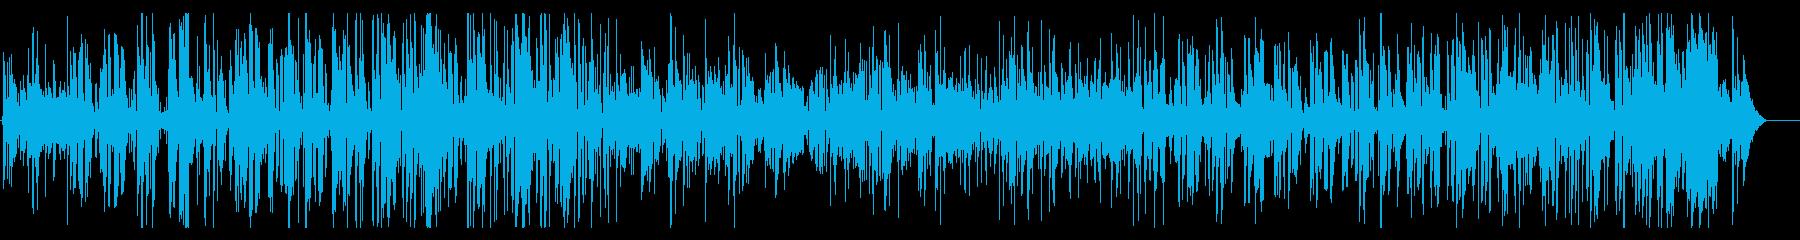 ジングルベル、軽快で楽しいクリスマジャズの再生済みの波形